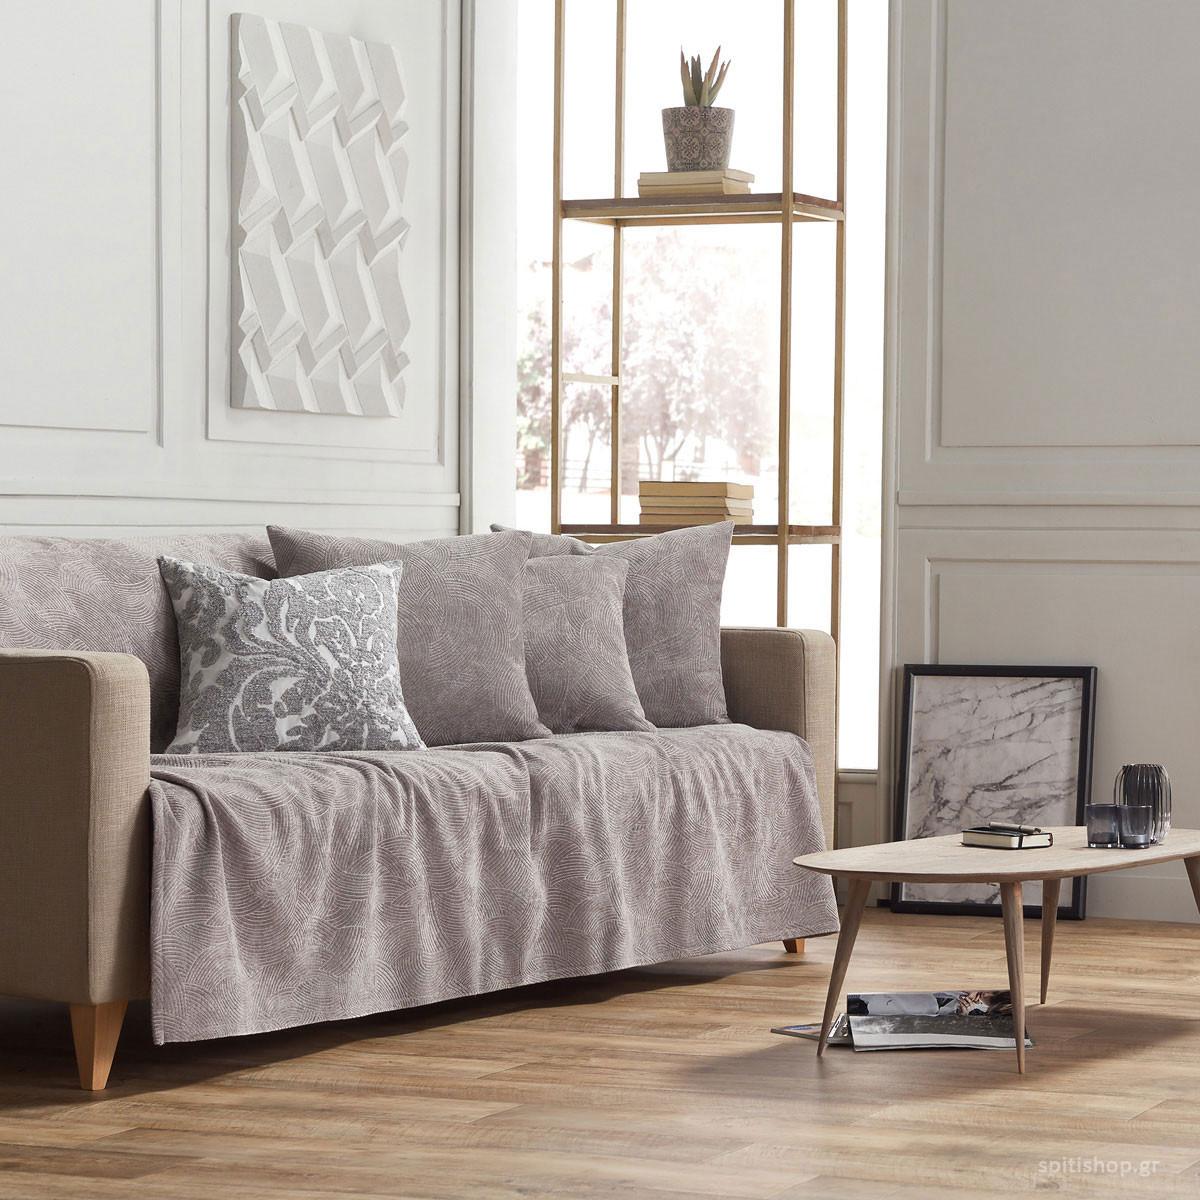 Ριχτάρι Τετραθέσιου (180×350) Gofis Home Nimbus Grey 447/15